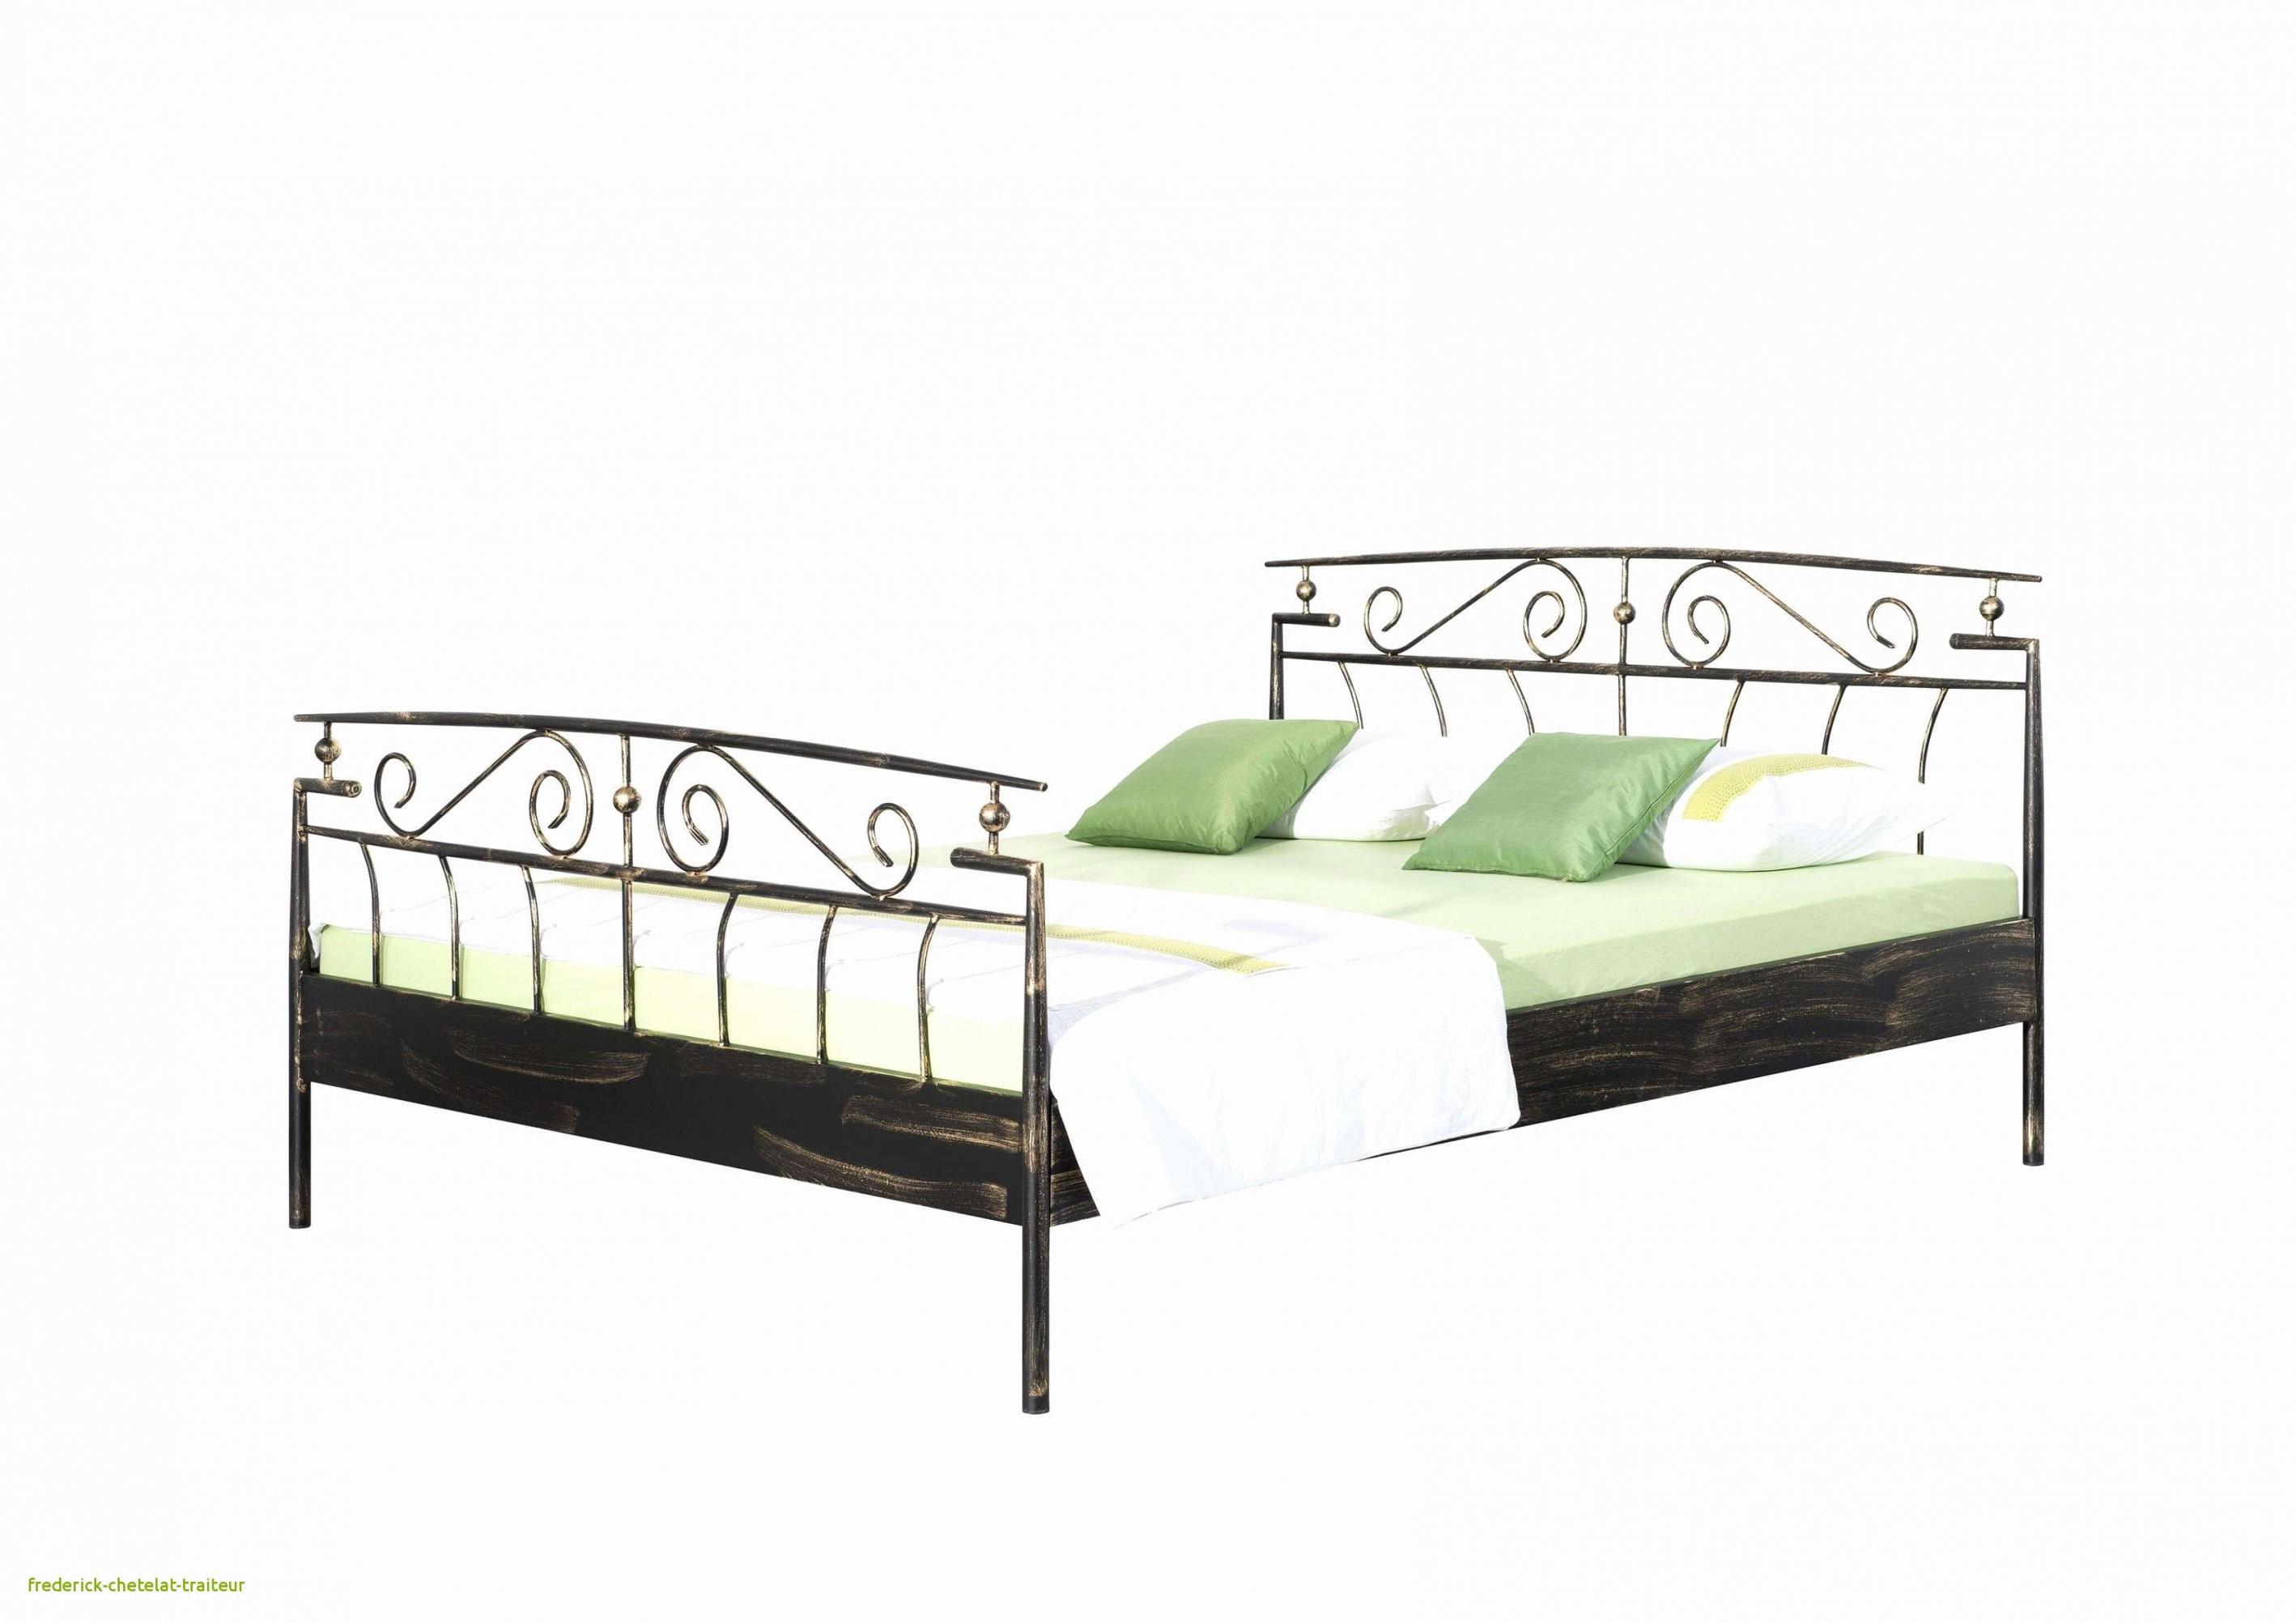 Dieser Ganz Bett 120×200 Mit Matratze Und Lattenrost Vorstellung von Bett 120X200 Mit Lattenrost Und Matratze Bild